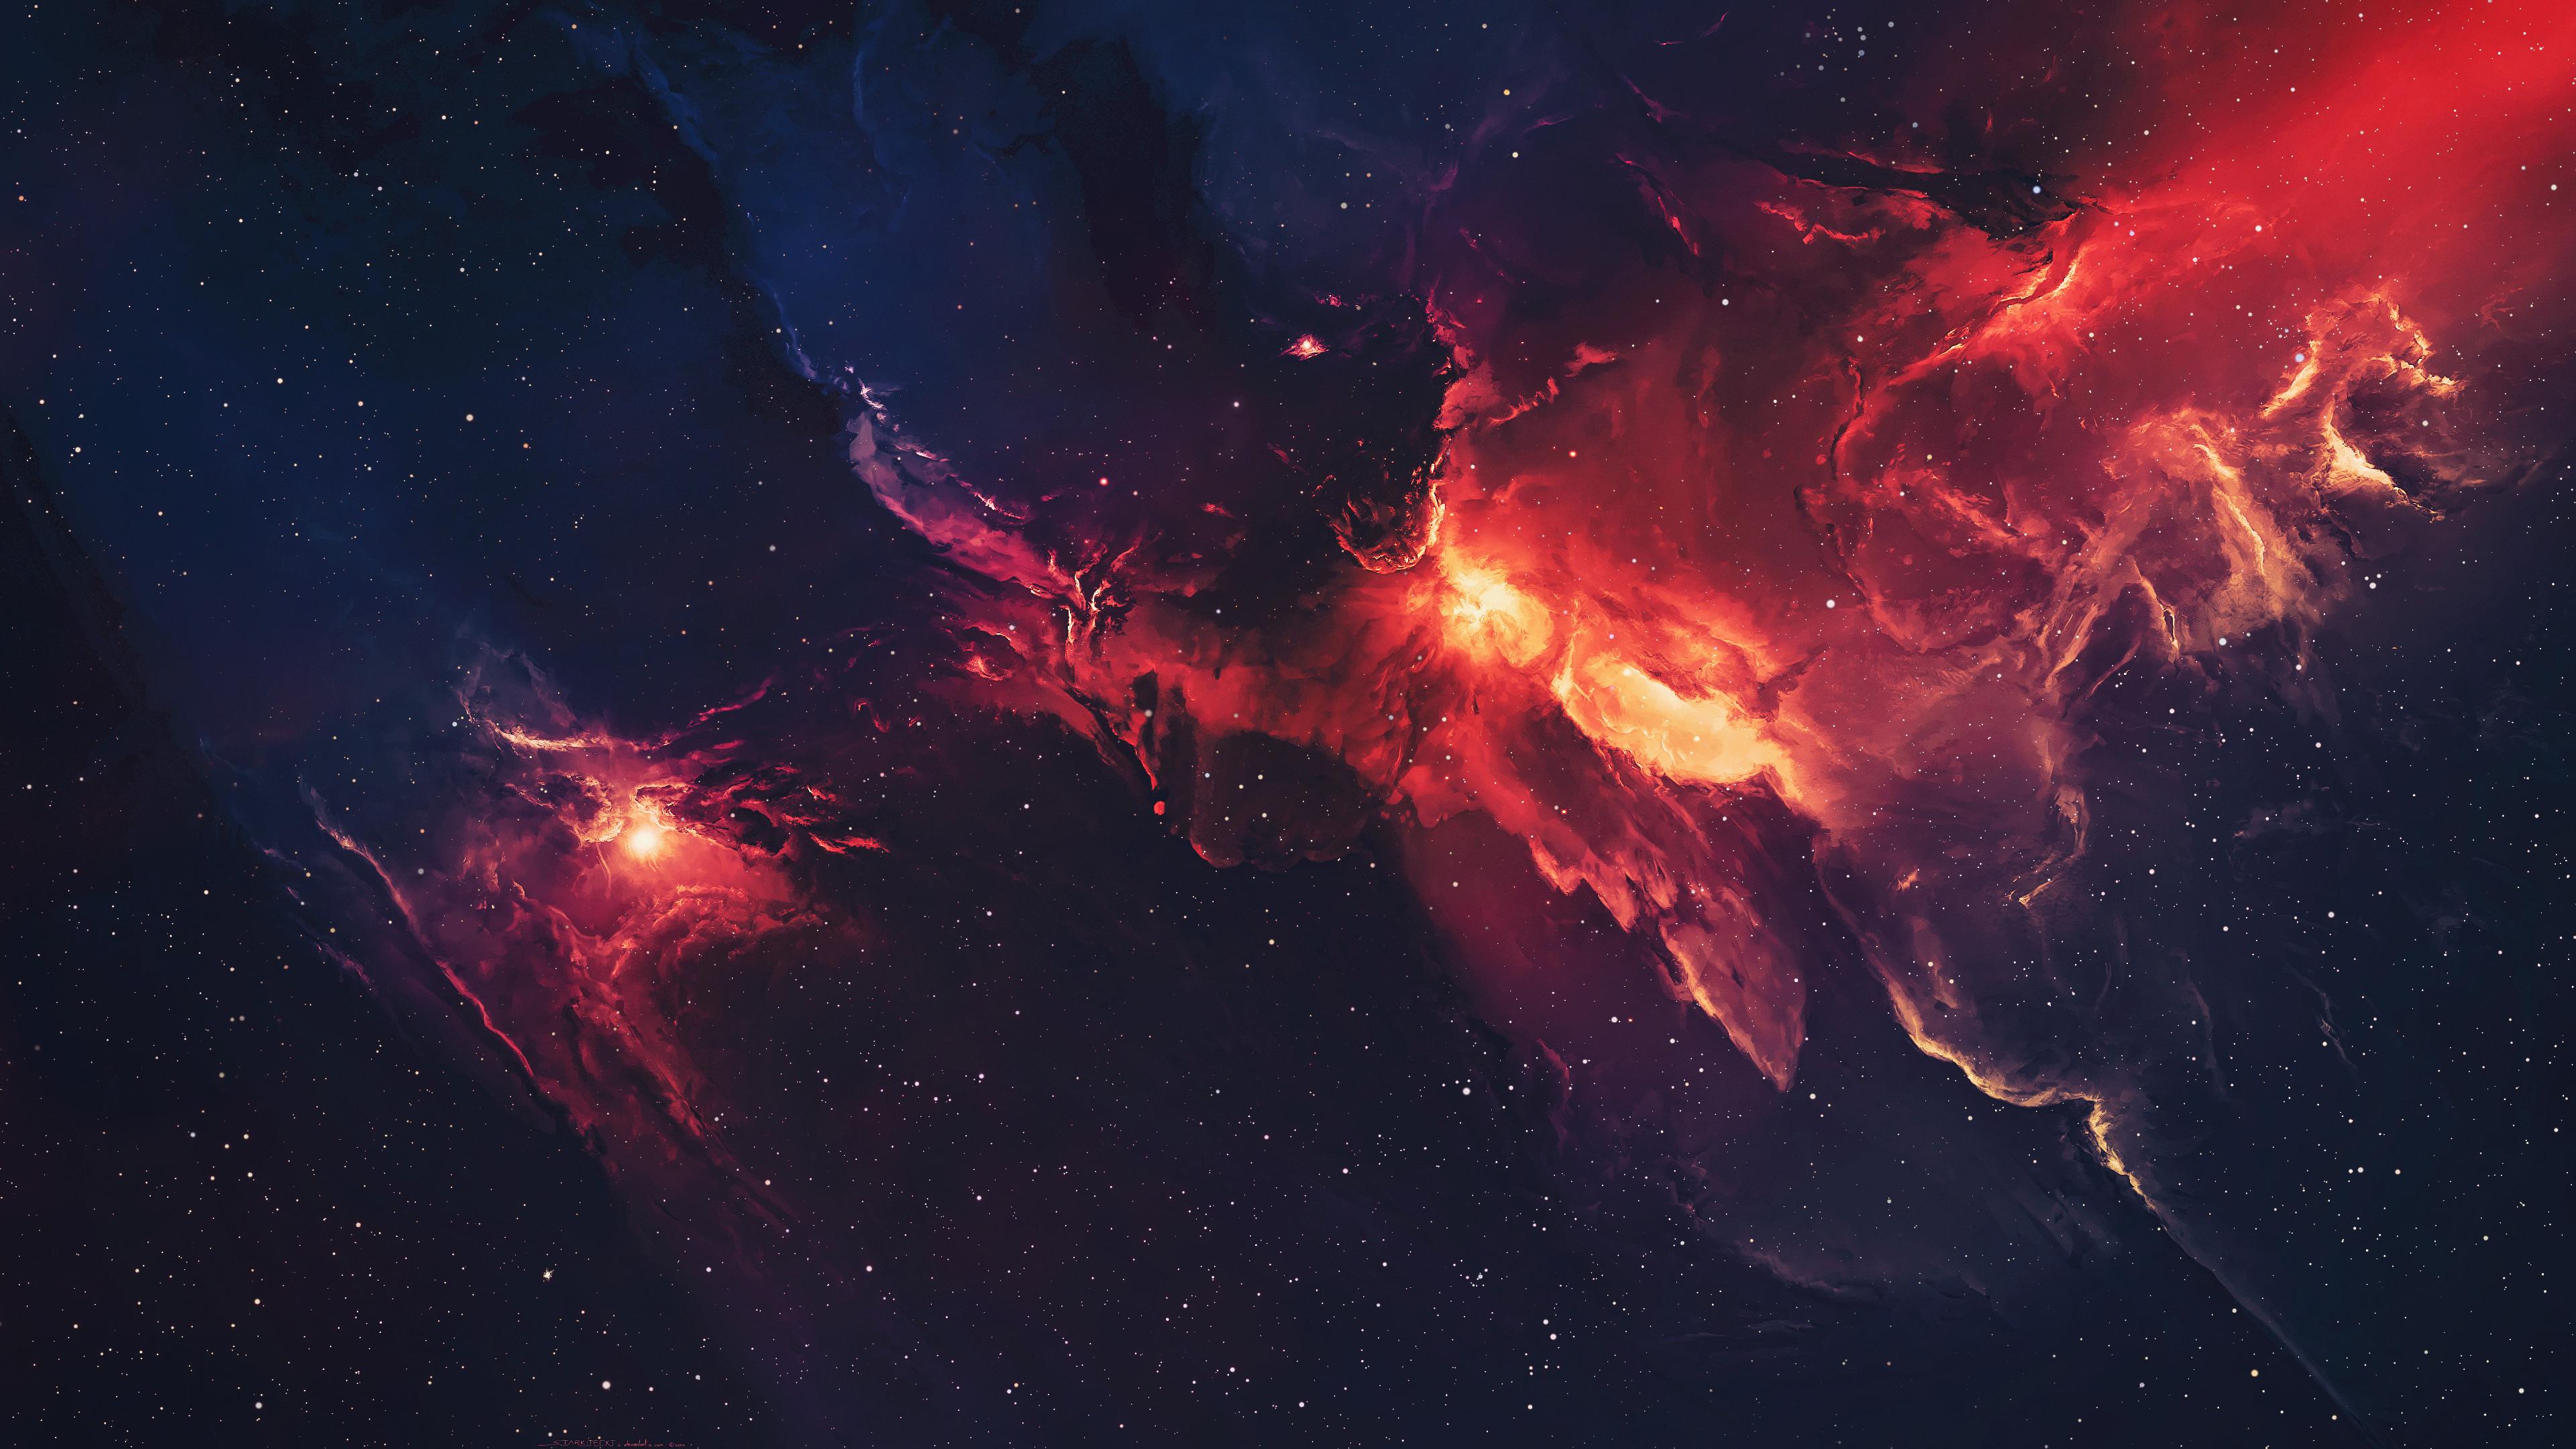 galaxy space stars universe nebula 4k 1546278977